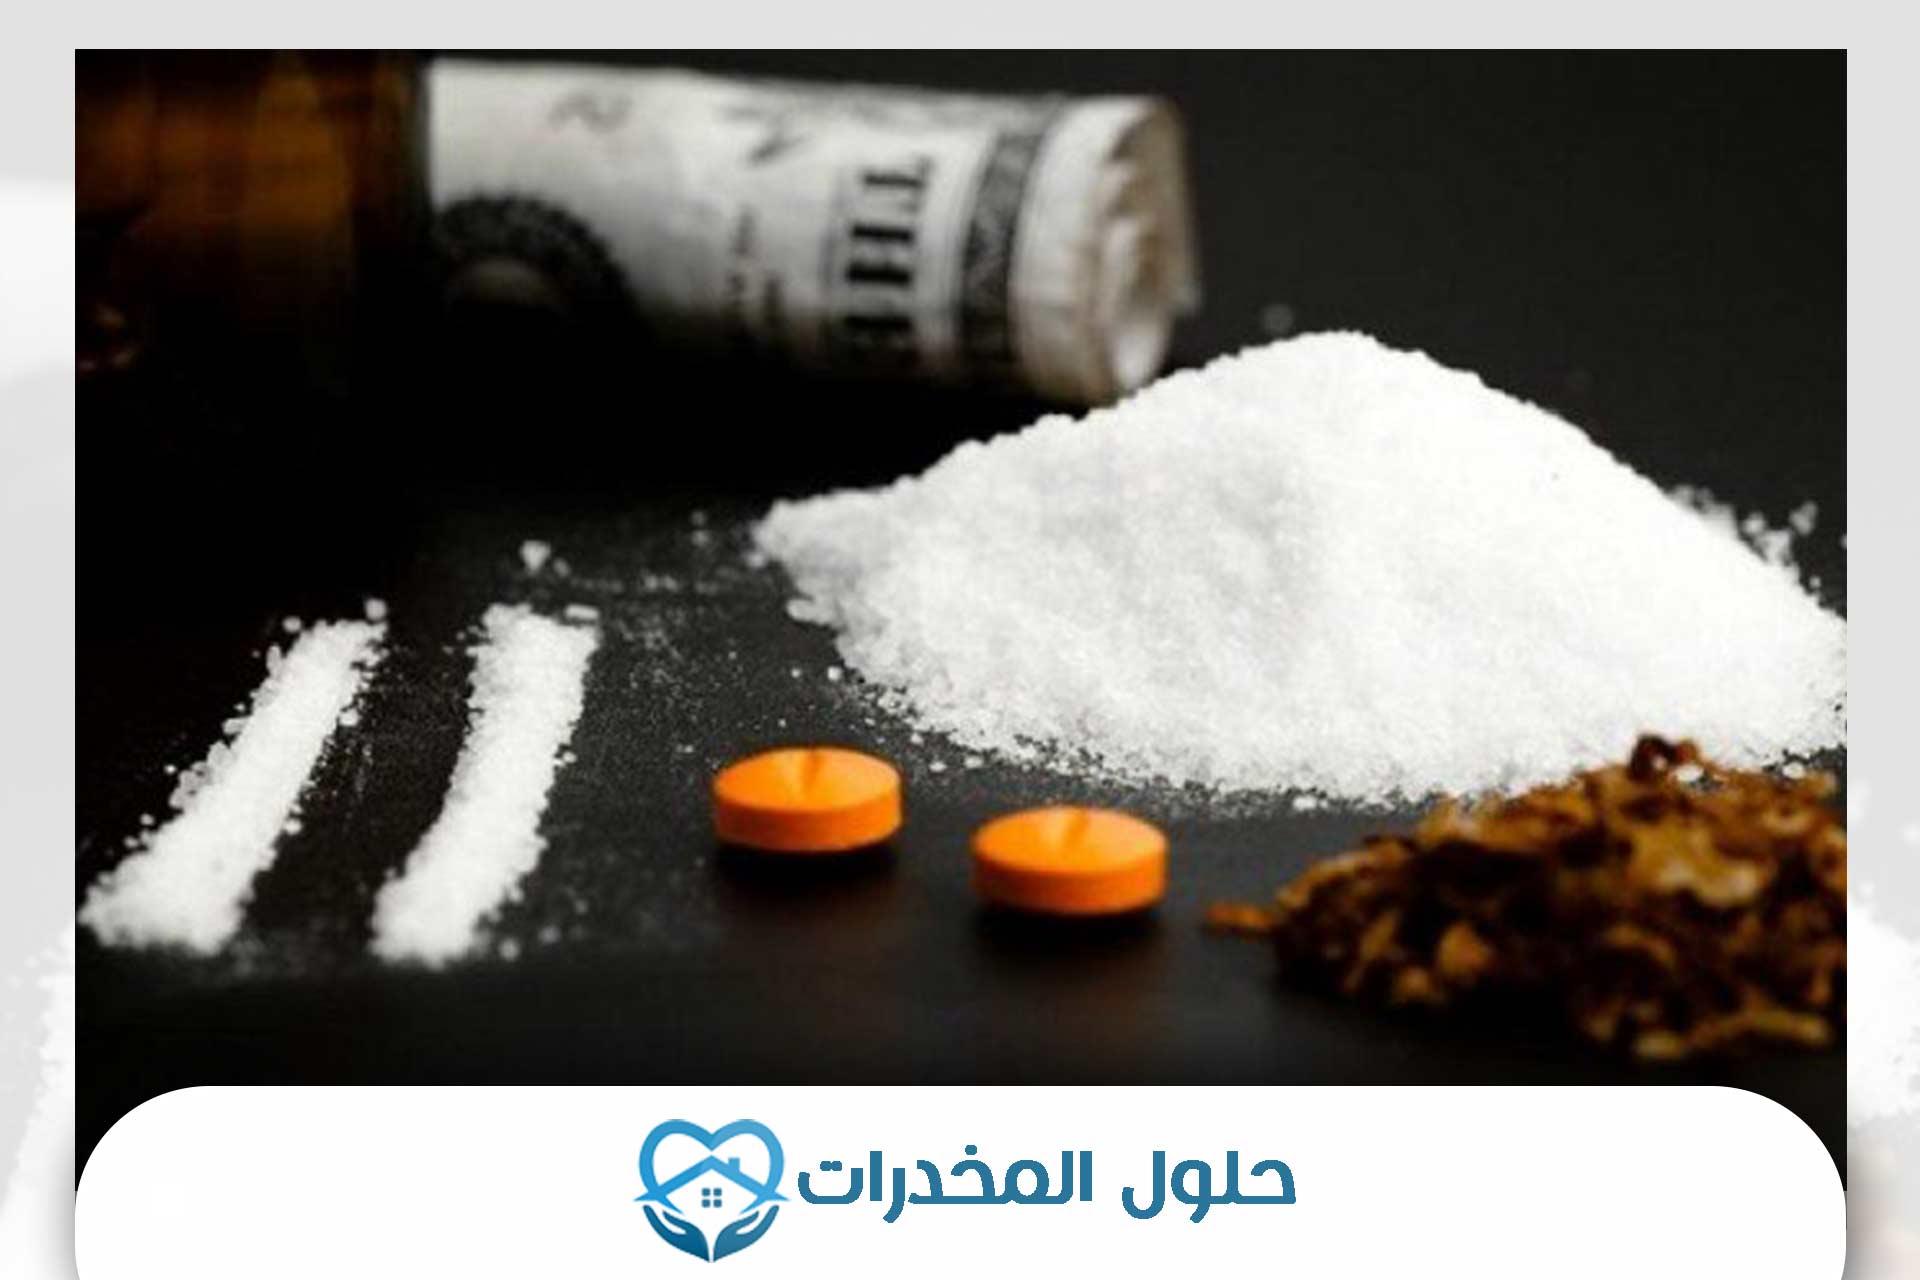 حلول المخدرات